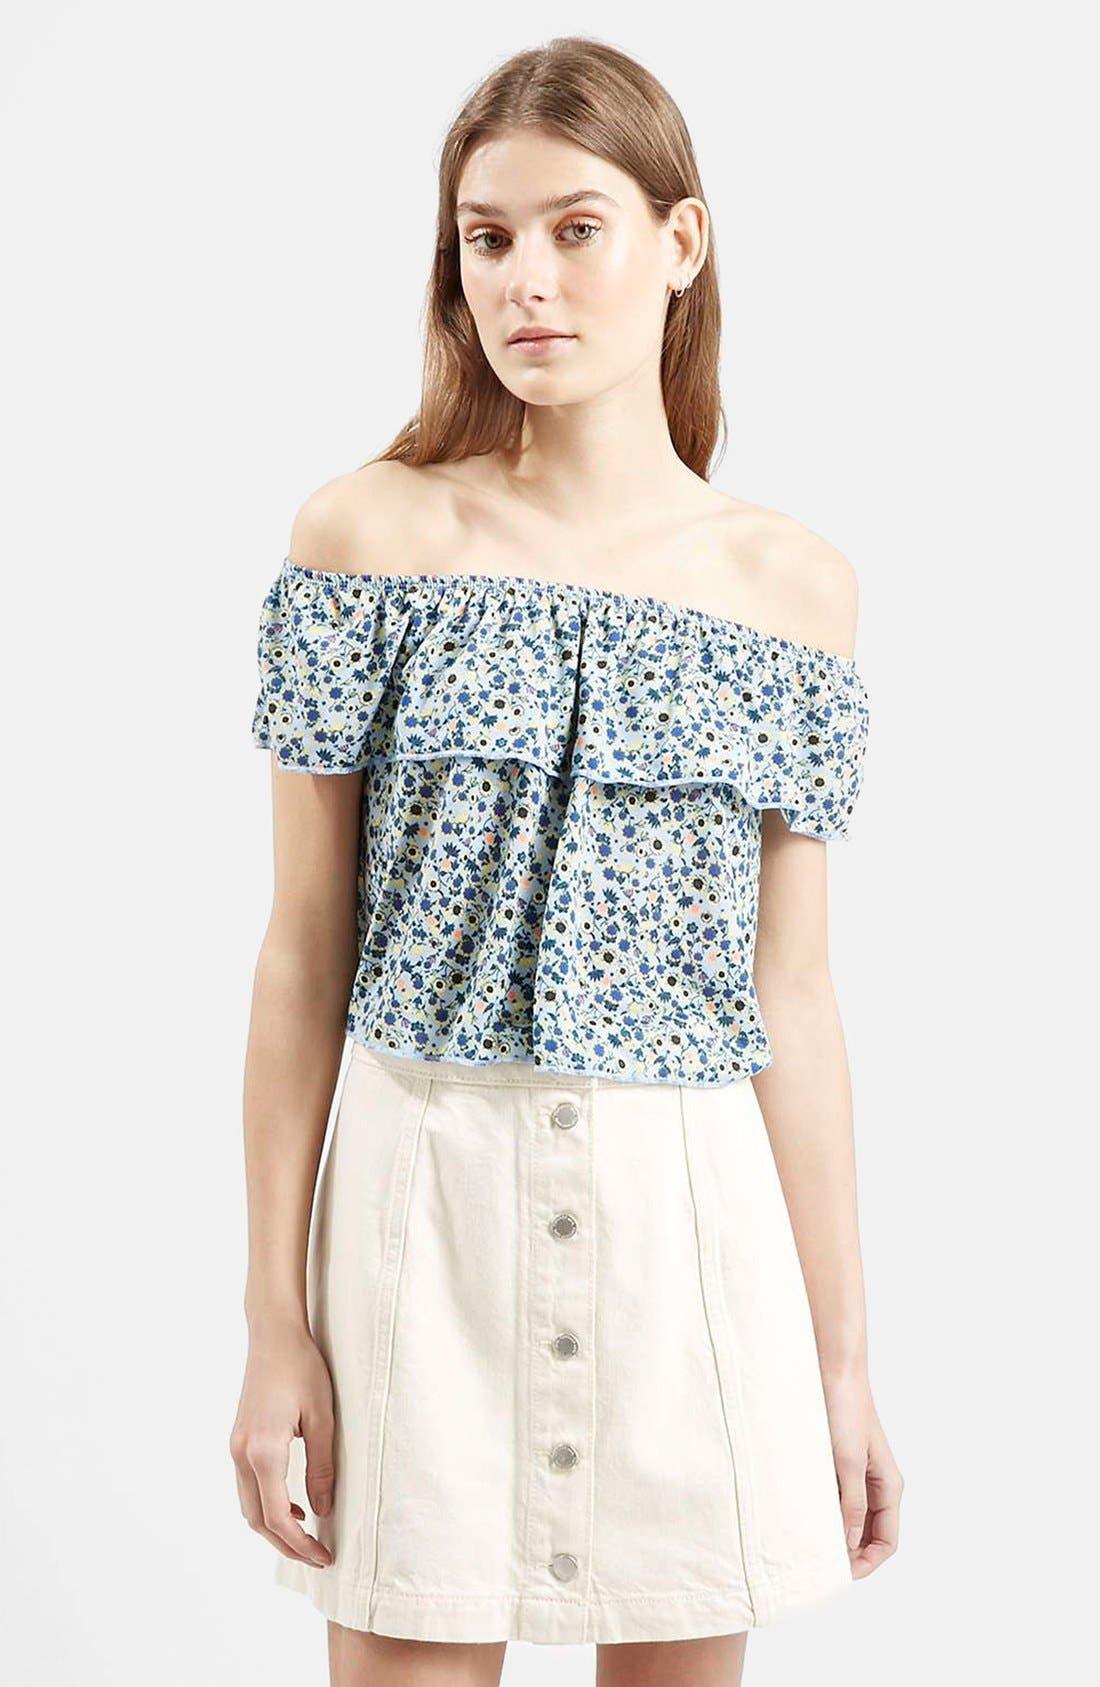 Alternate Image 1 Selected - Topshop Floral Print Off the Shoulder Top